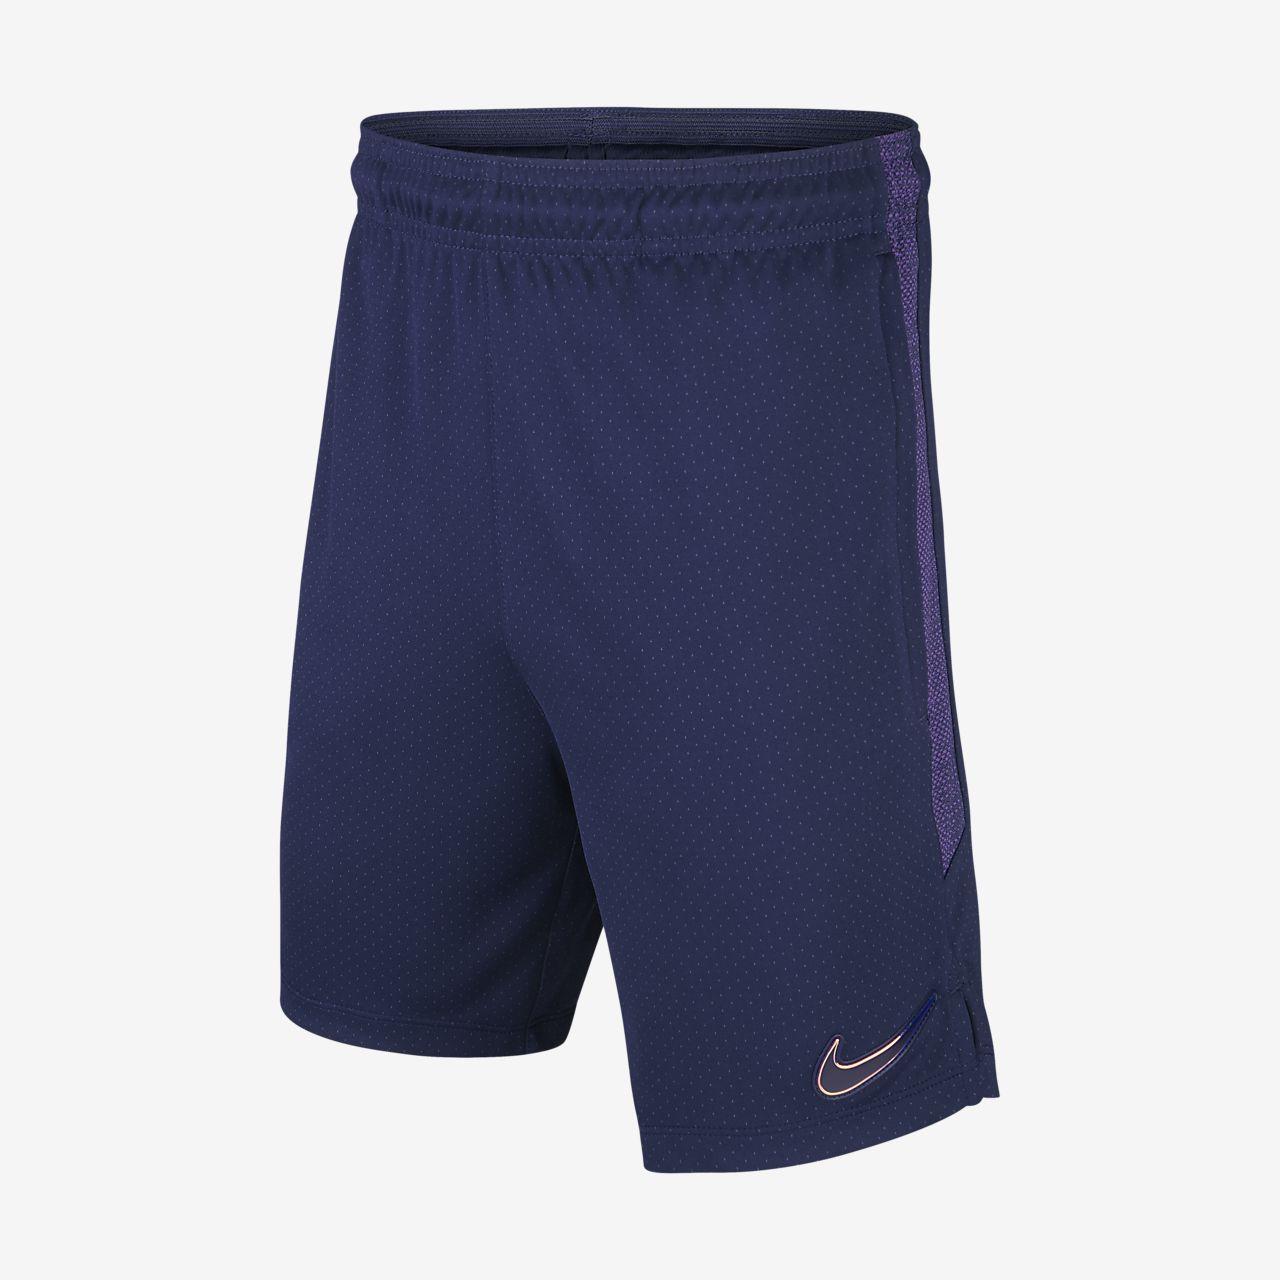 Ποδοσφαιρικό σορτς Nike Dri-FIT Tottenham Hotspur Strike για μεγάλα παιδιά